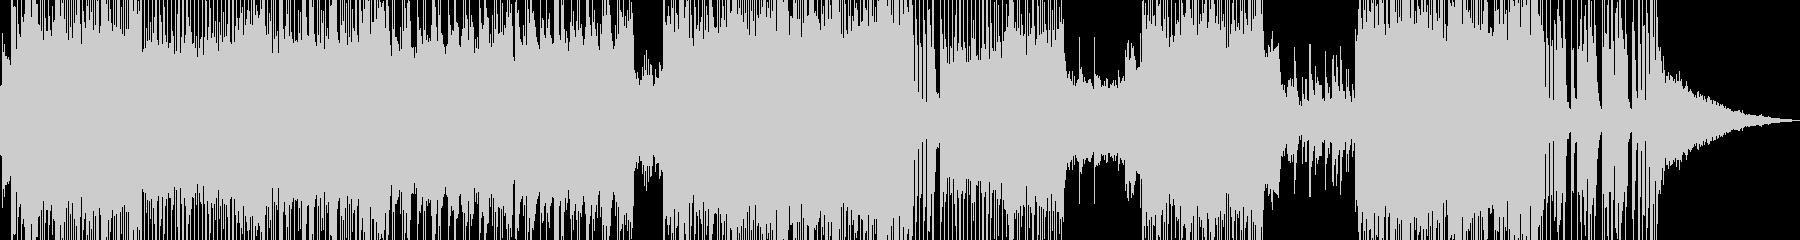 ハッピーを彩るミディアムロックの未再生の波形